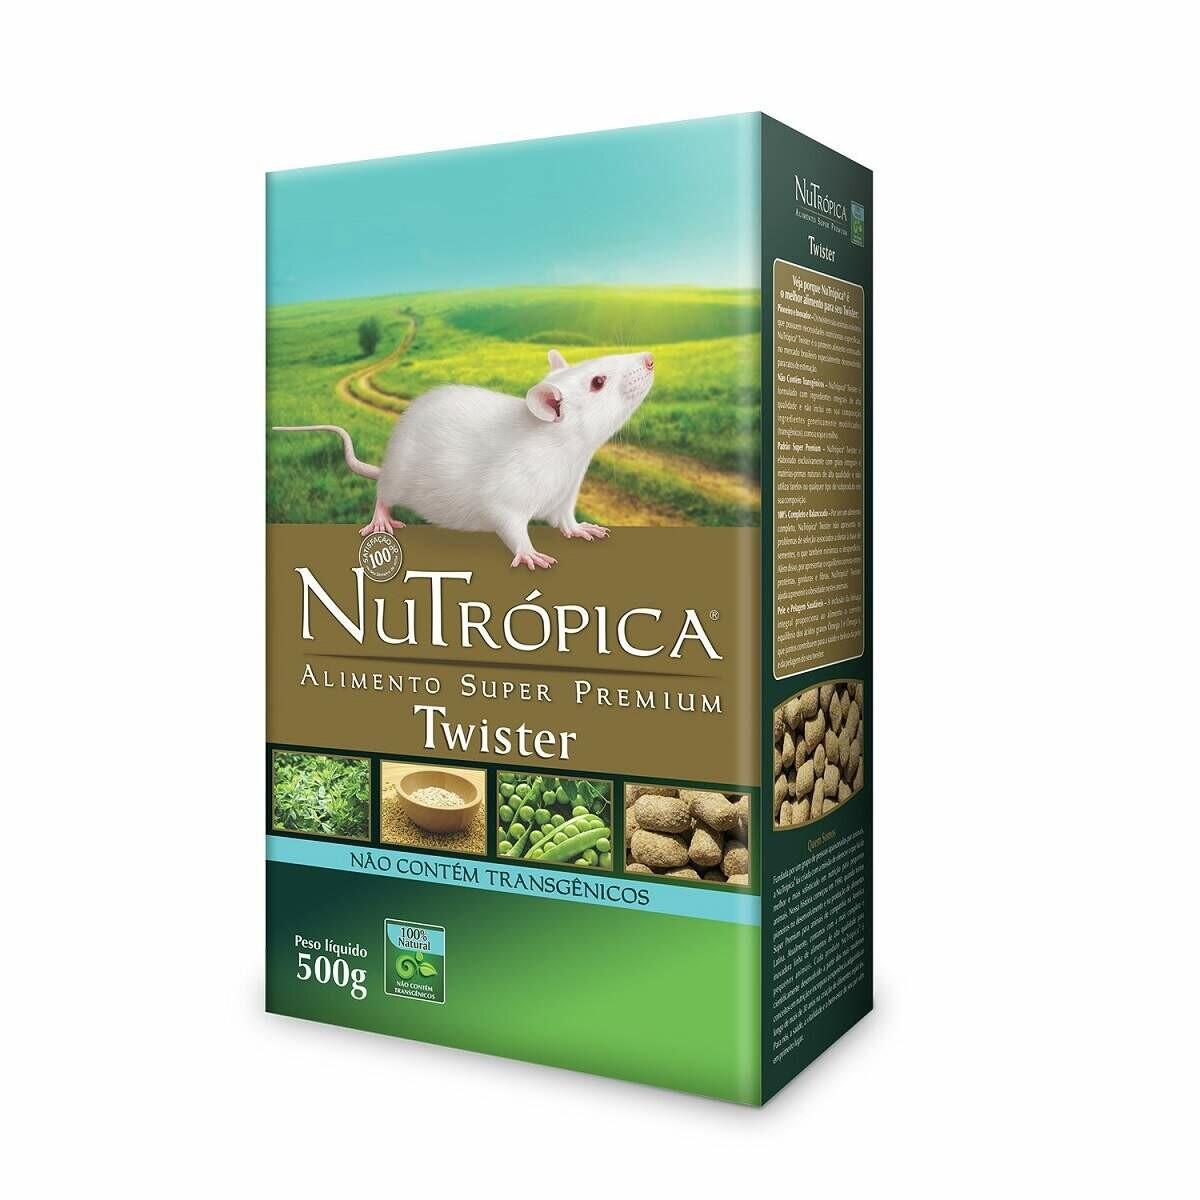 Ração para Ratos Twister Nutrópica 500g